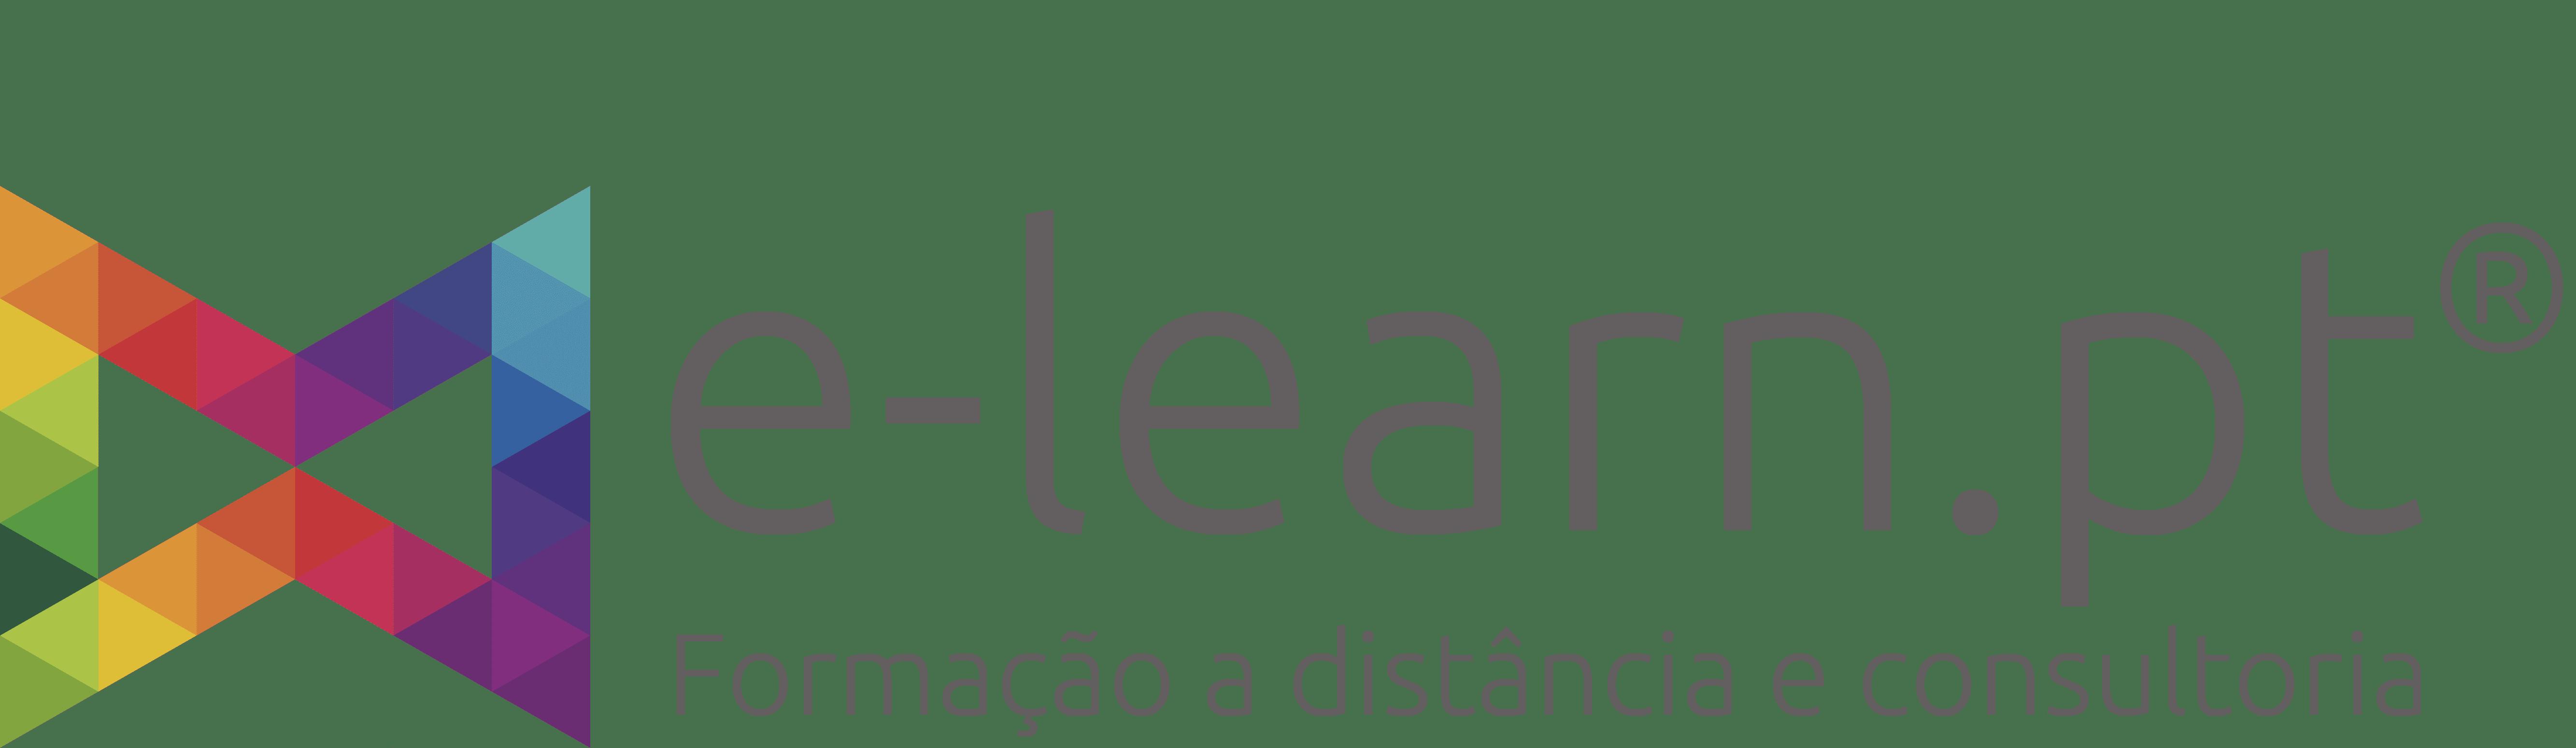 E-LEARN.PT® - Formação Online Certificada (e-learning) | Cursos Online